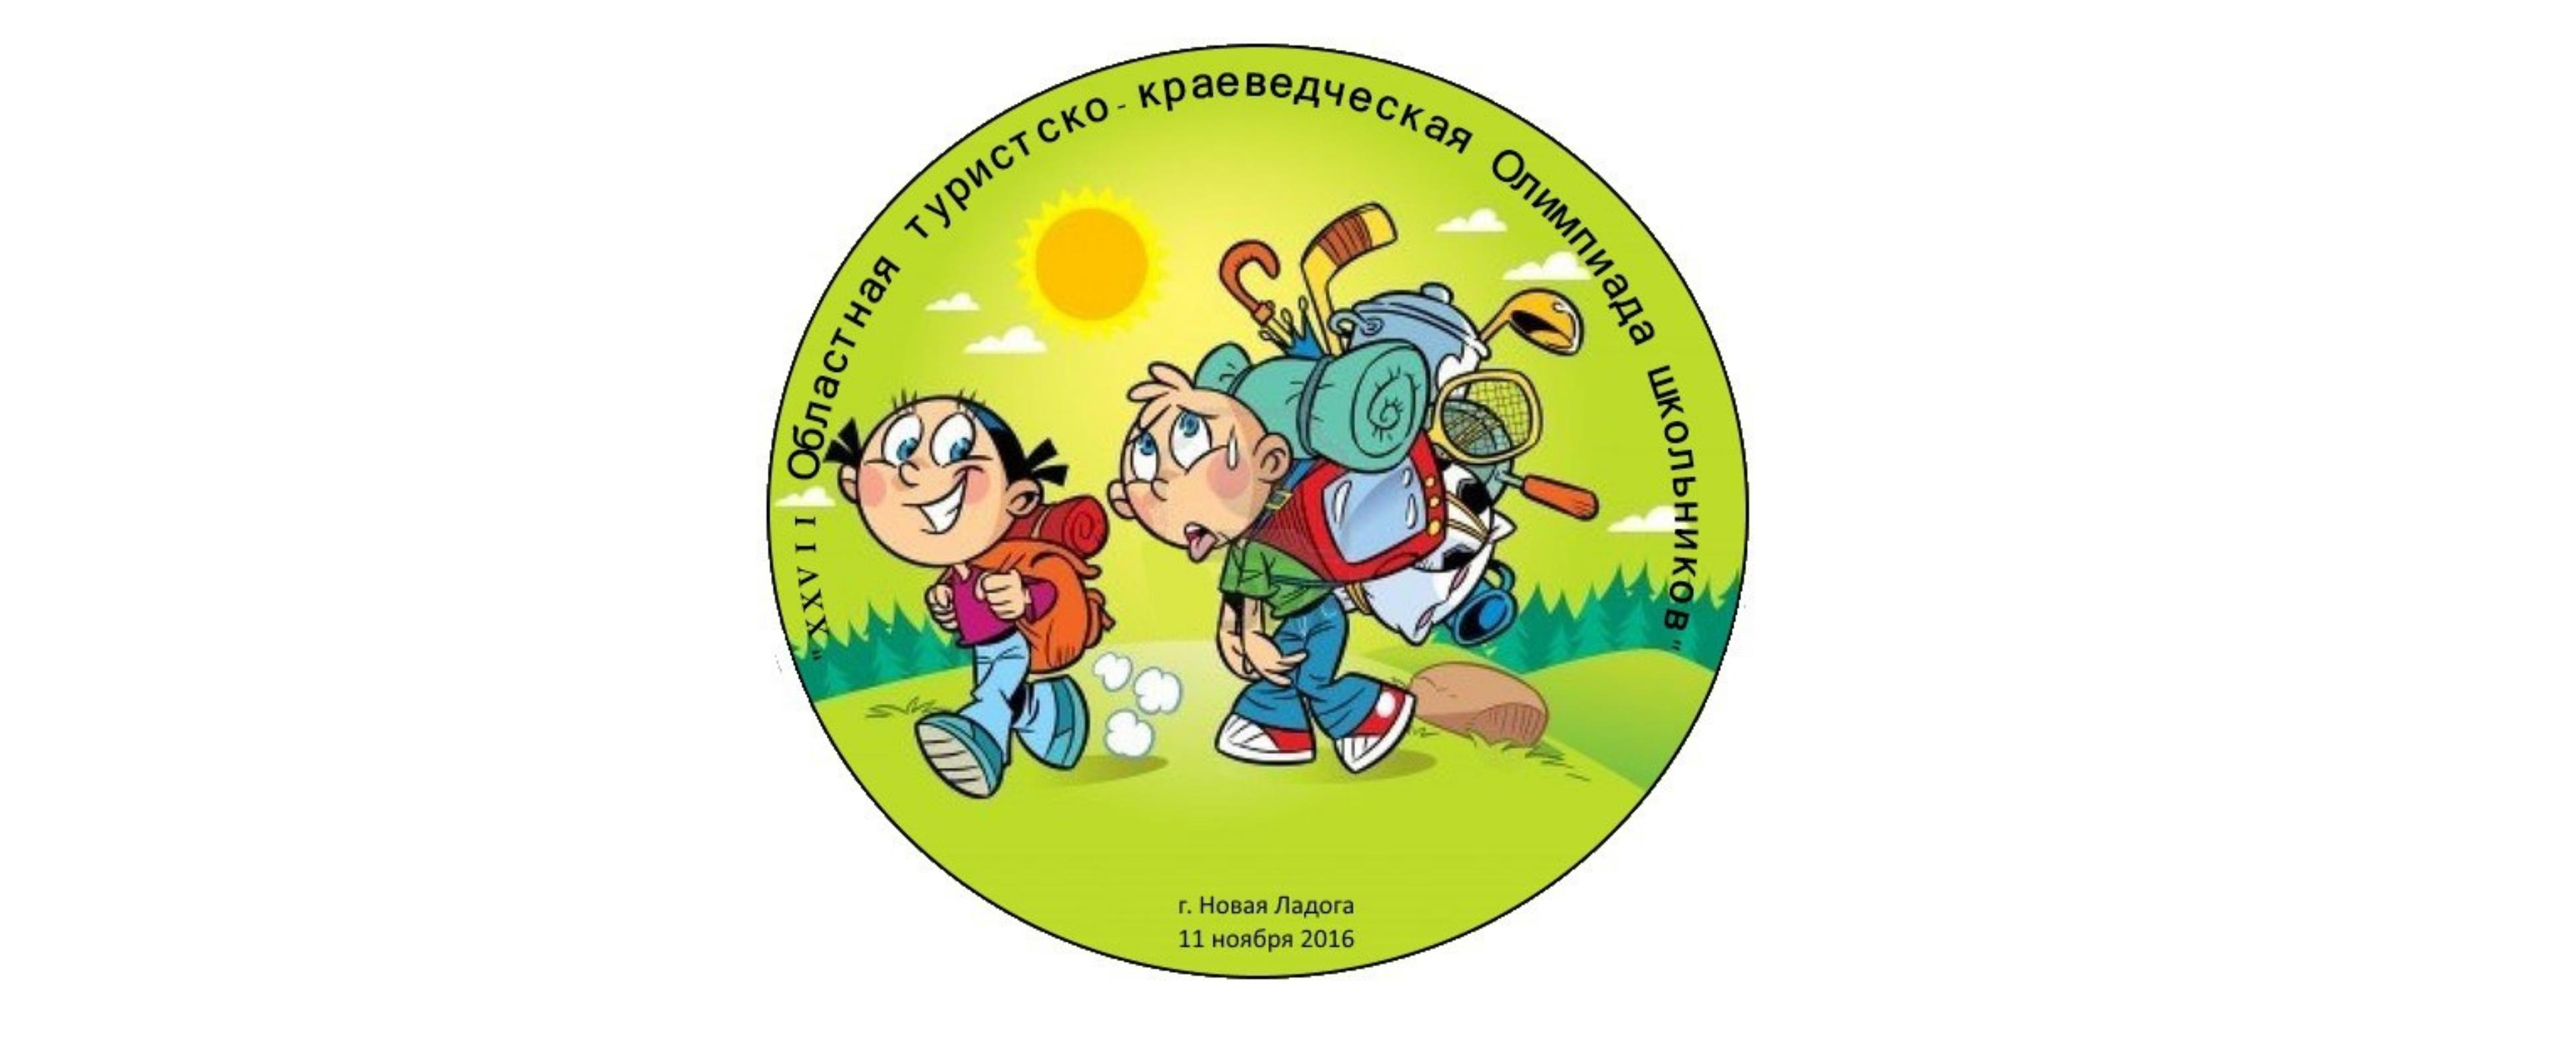 XXVII туристско-краеведческая Олимпиада школьников Ленинградской области